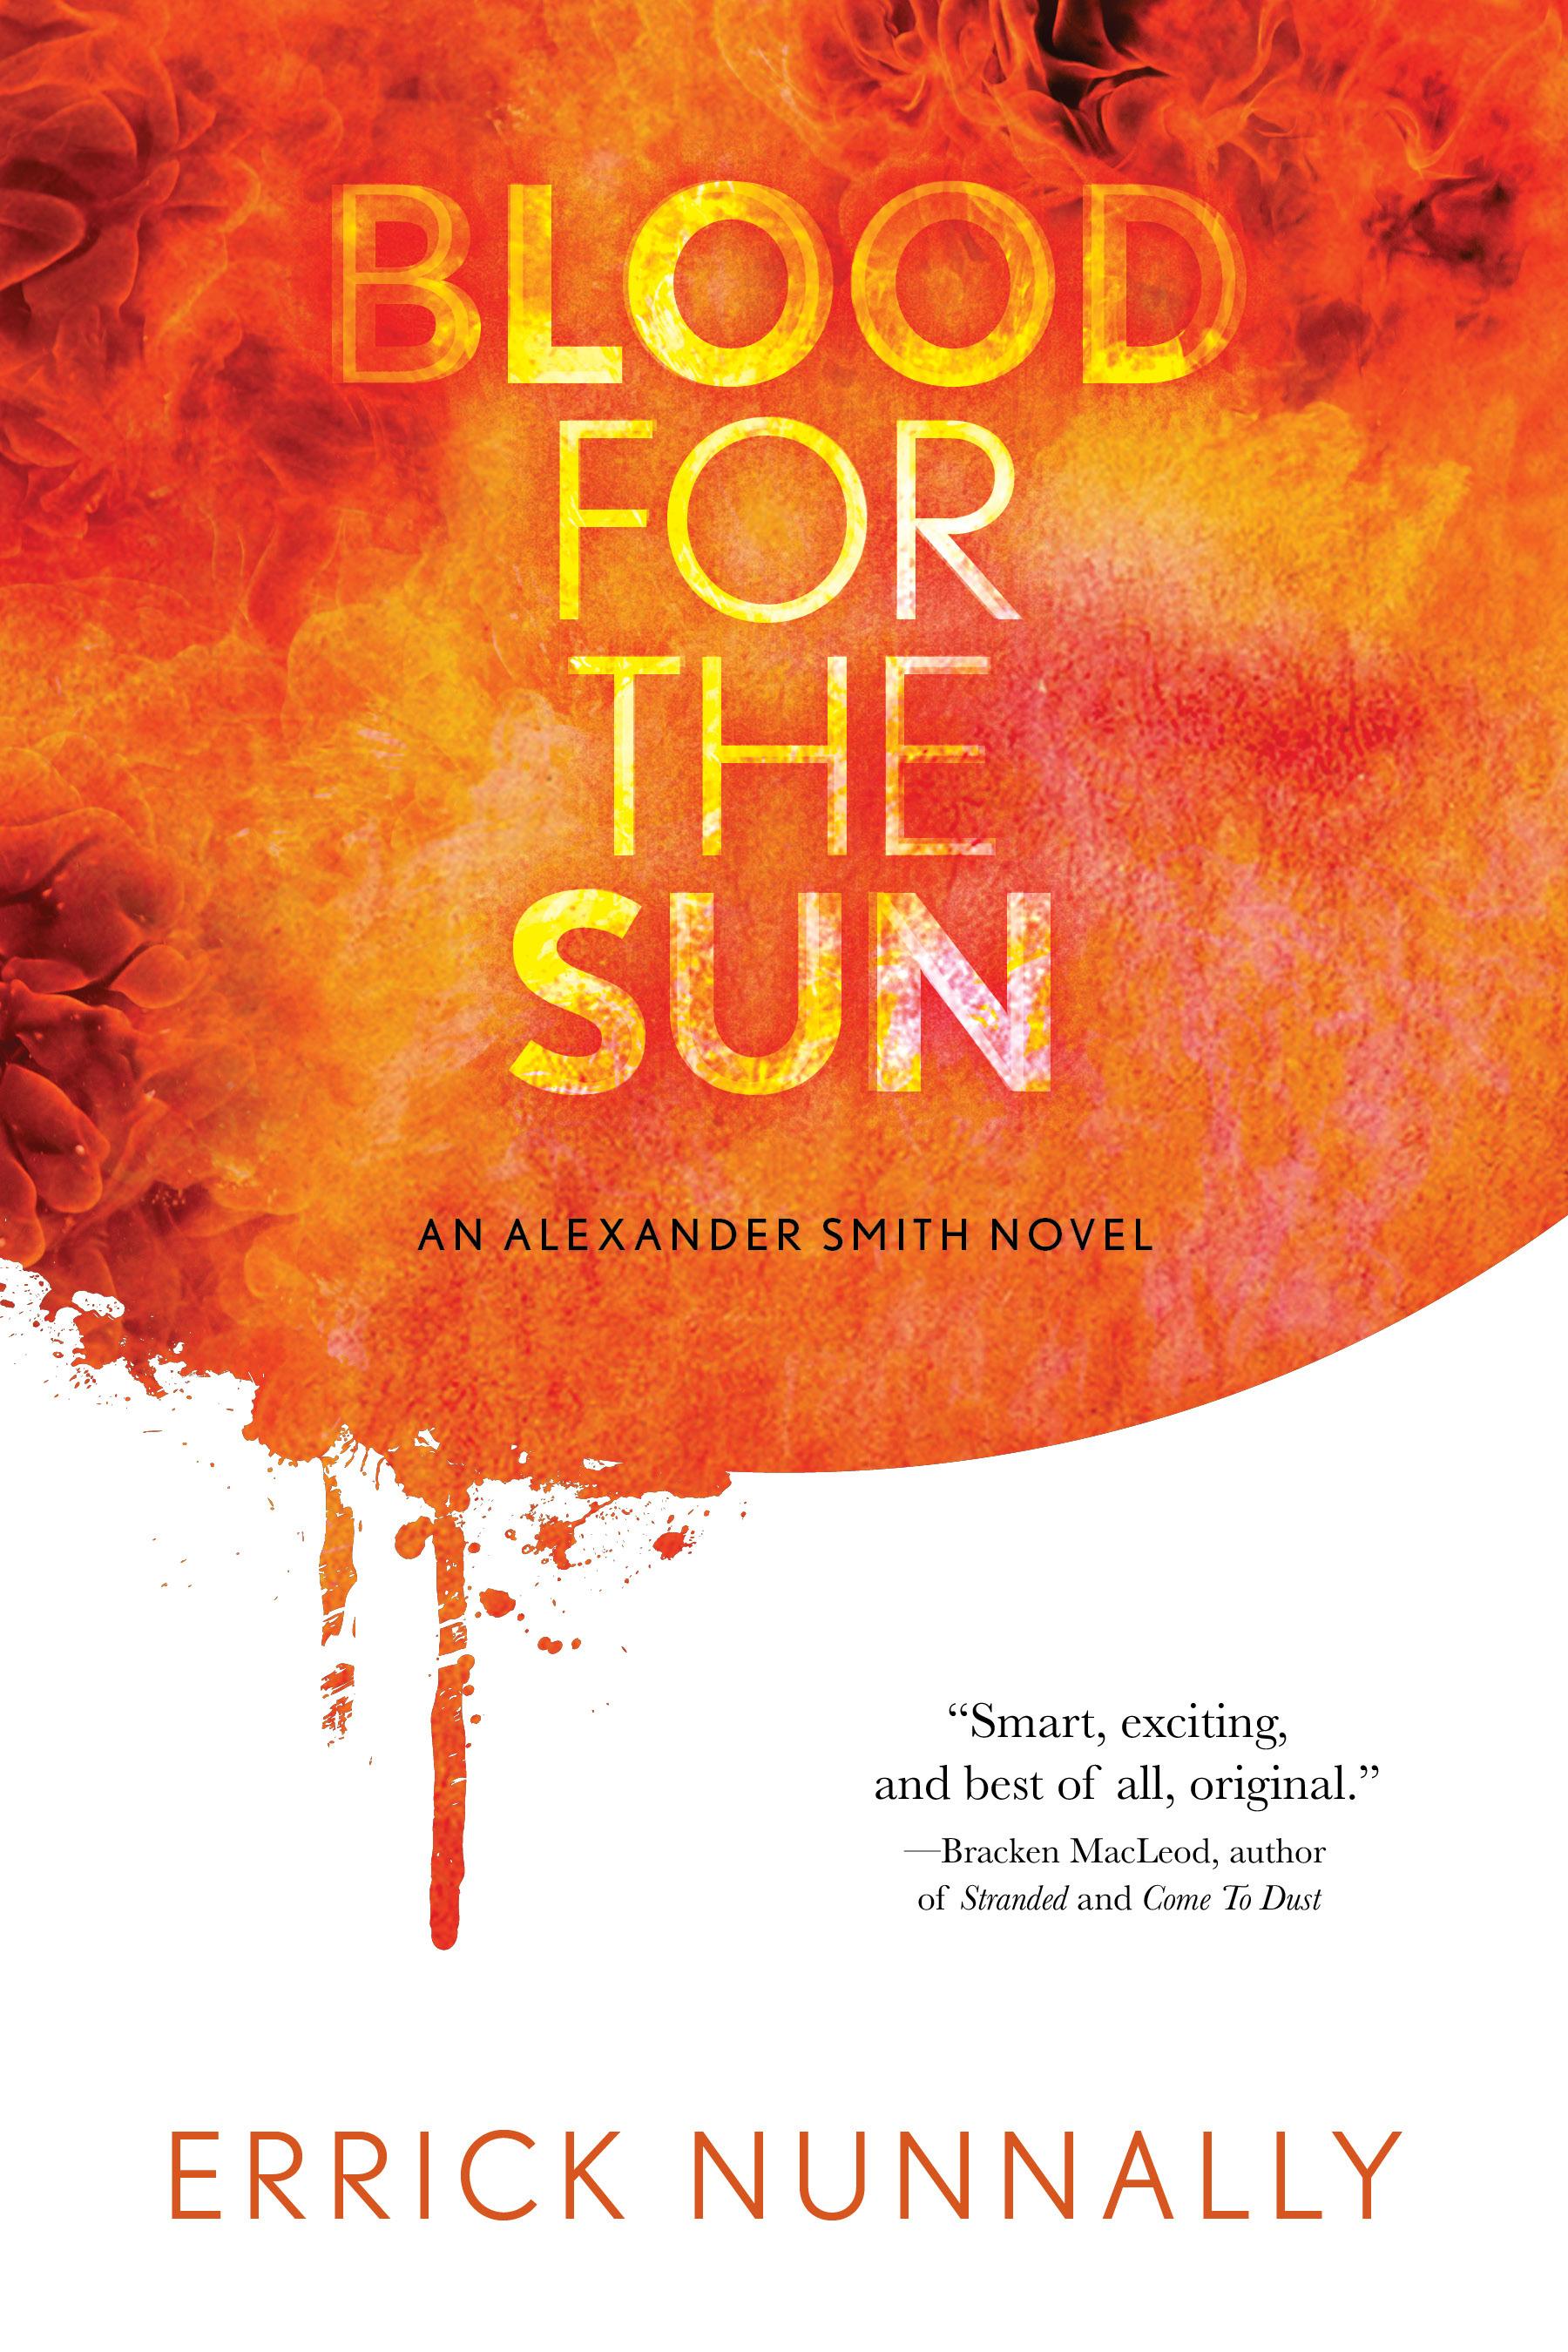 Blood for the Sun: An Alexander Smith Novel